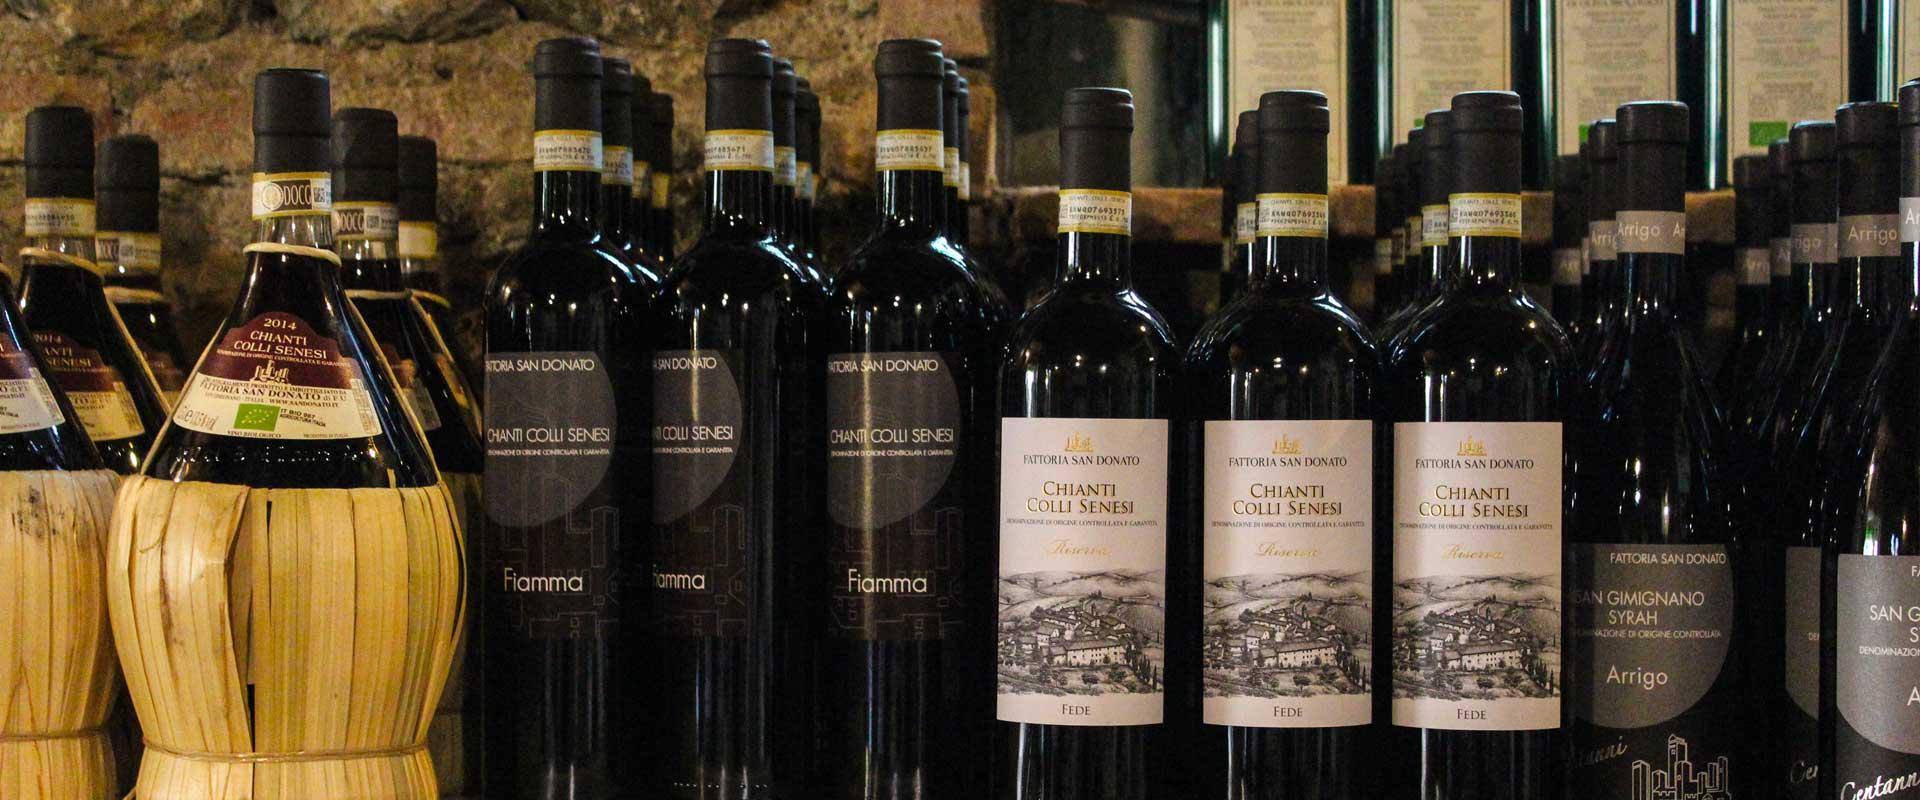 wine finder fattoria san donato